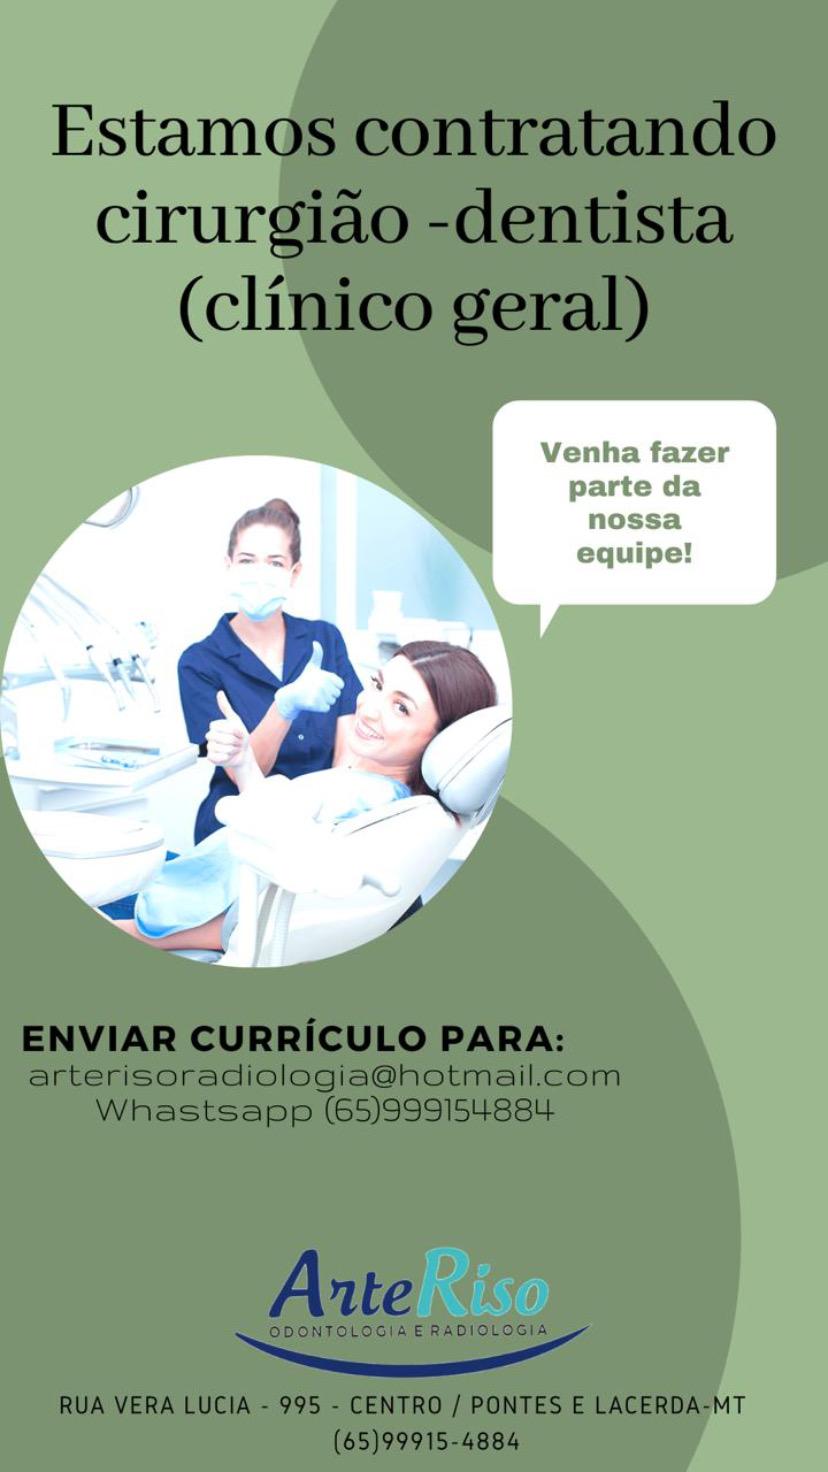 Contrata-se clinico geral